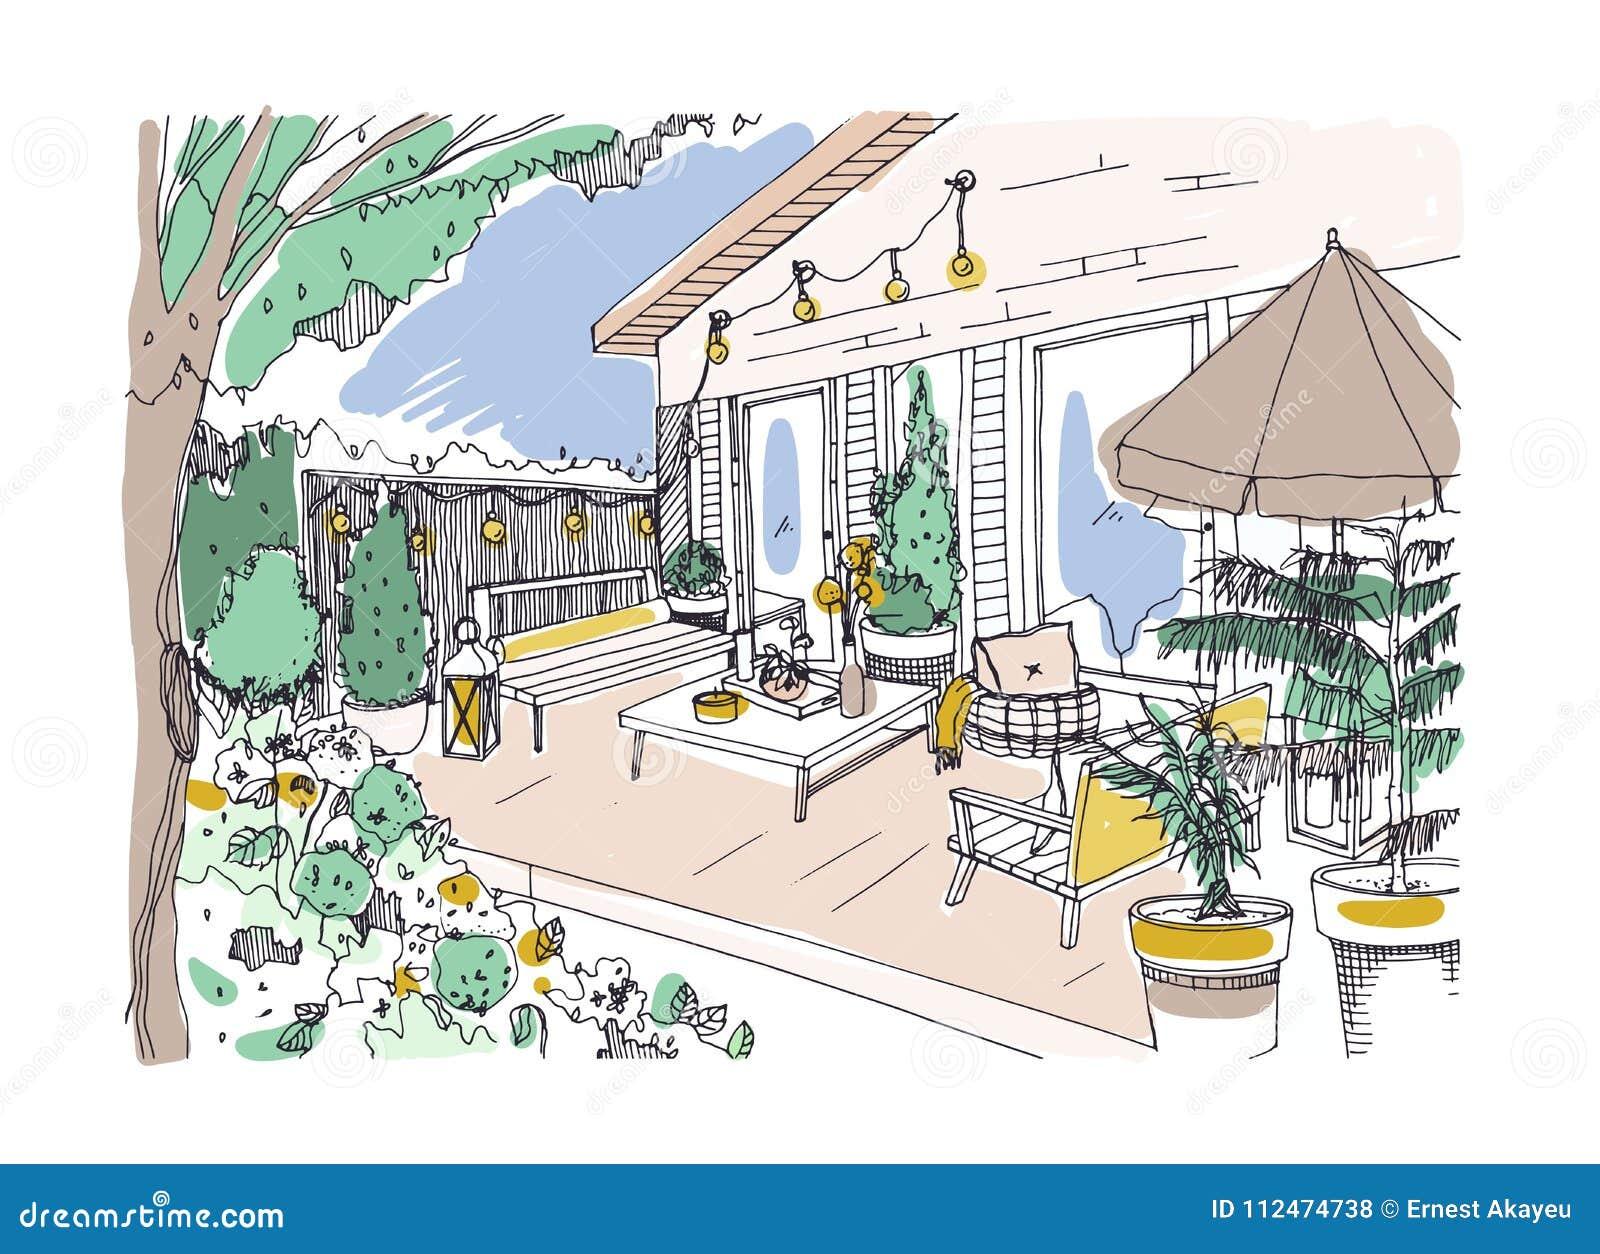 Dessin Avec La Main dessin de dessin à main levée du patio ou de la terrasse d